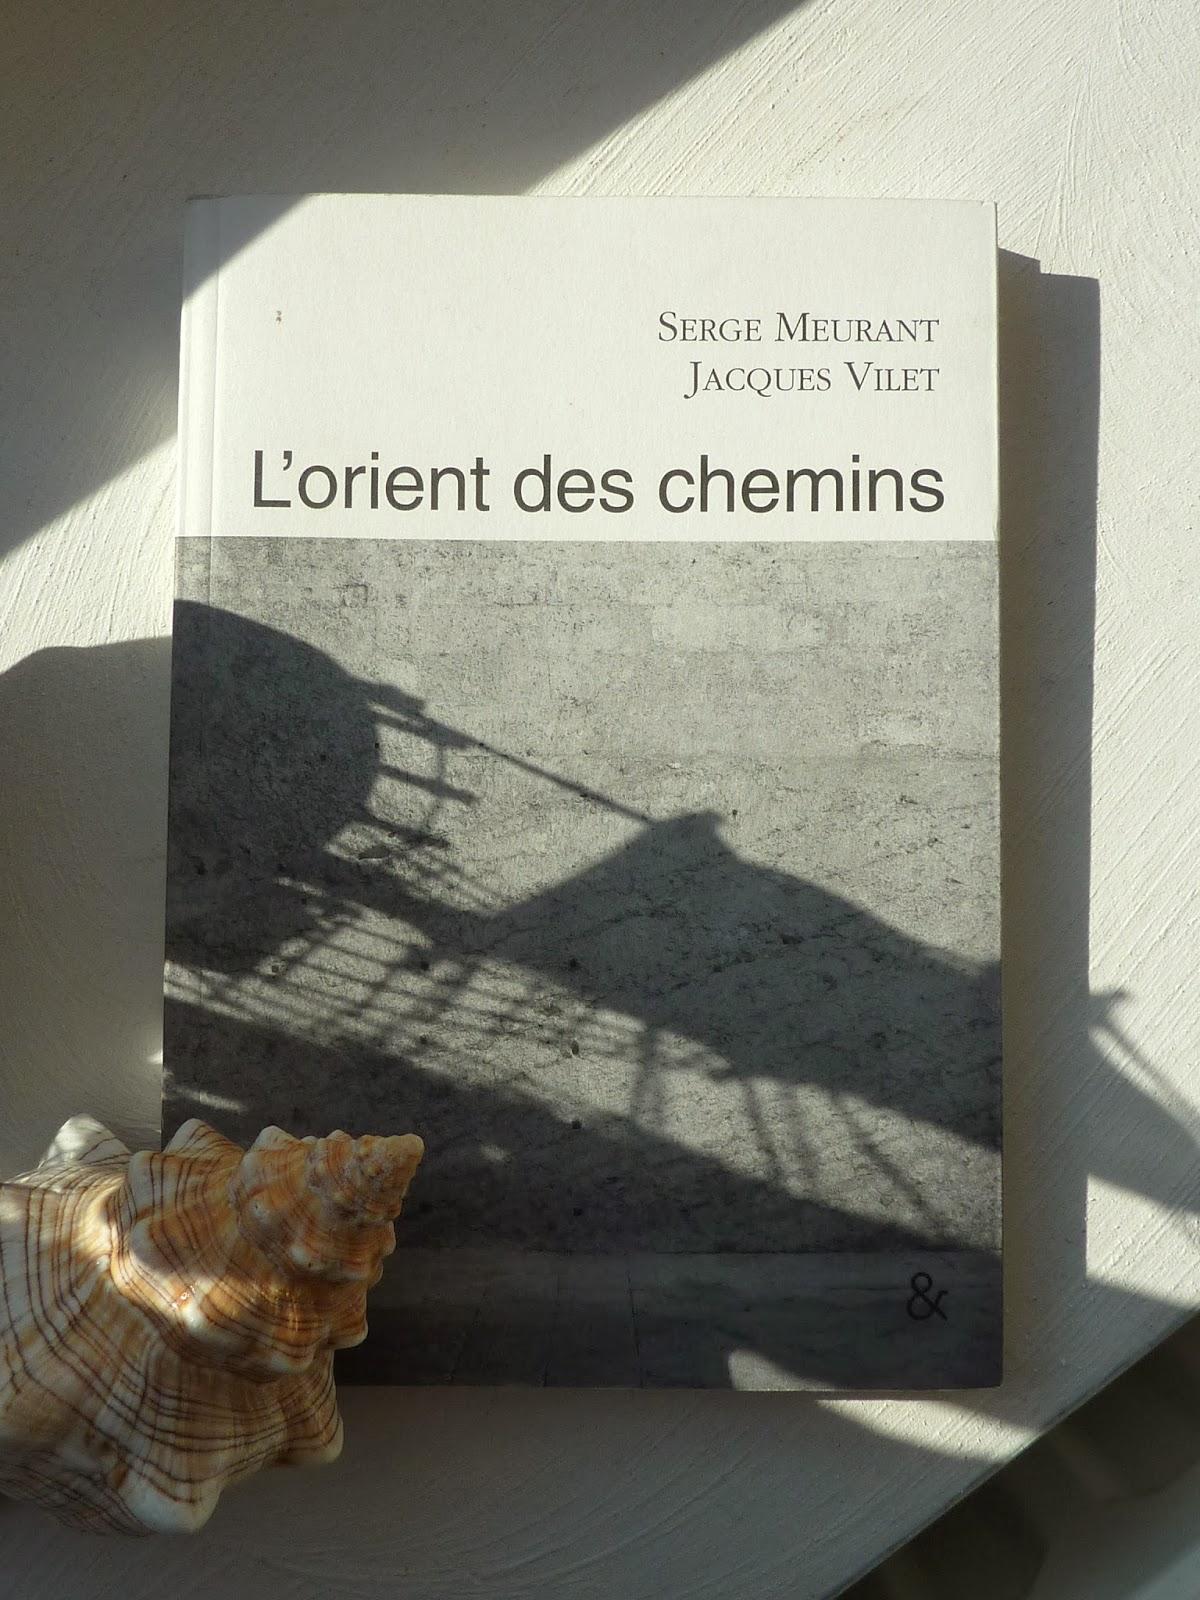 L'orient des chemins - Serge Meurant et Jacques Vilet